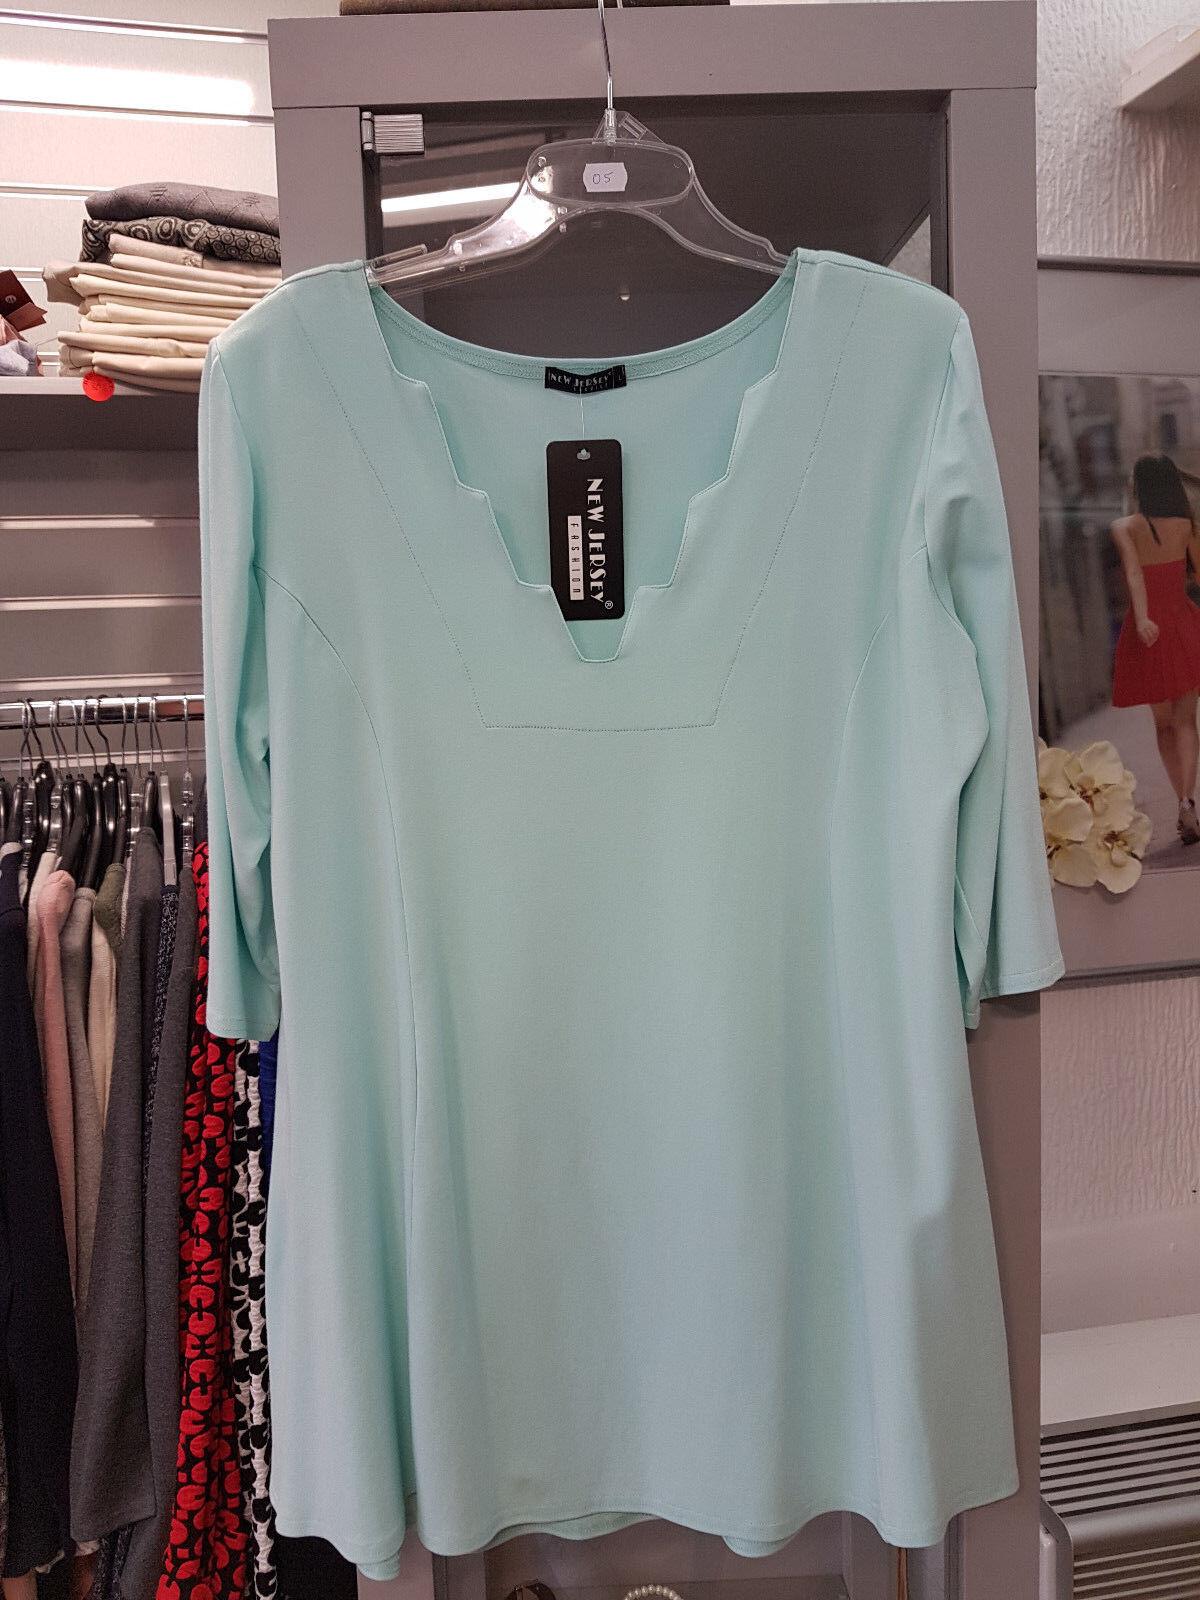 Traumhaftes Shirt von New Jersey FigurschmeichlerGr.L 40 42 in Mint Mint Mint (O5) | Verwendet in der Haltbarkeit  | Am wirtschaftlichsten  | Exquisite Handwerkskunst  | Hohe Qualität und günstig  | Wunderbar  68a519